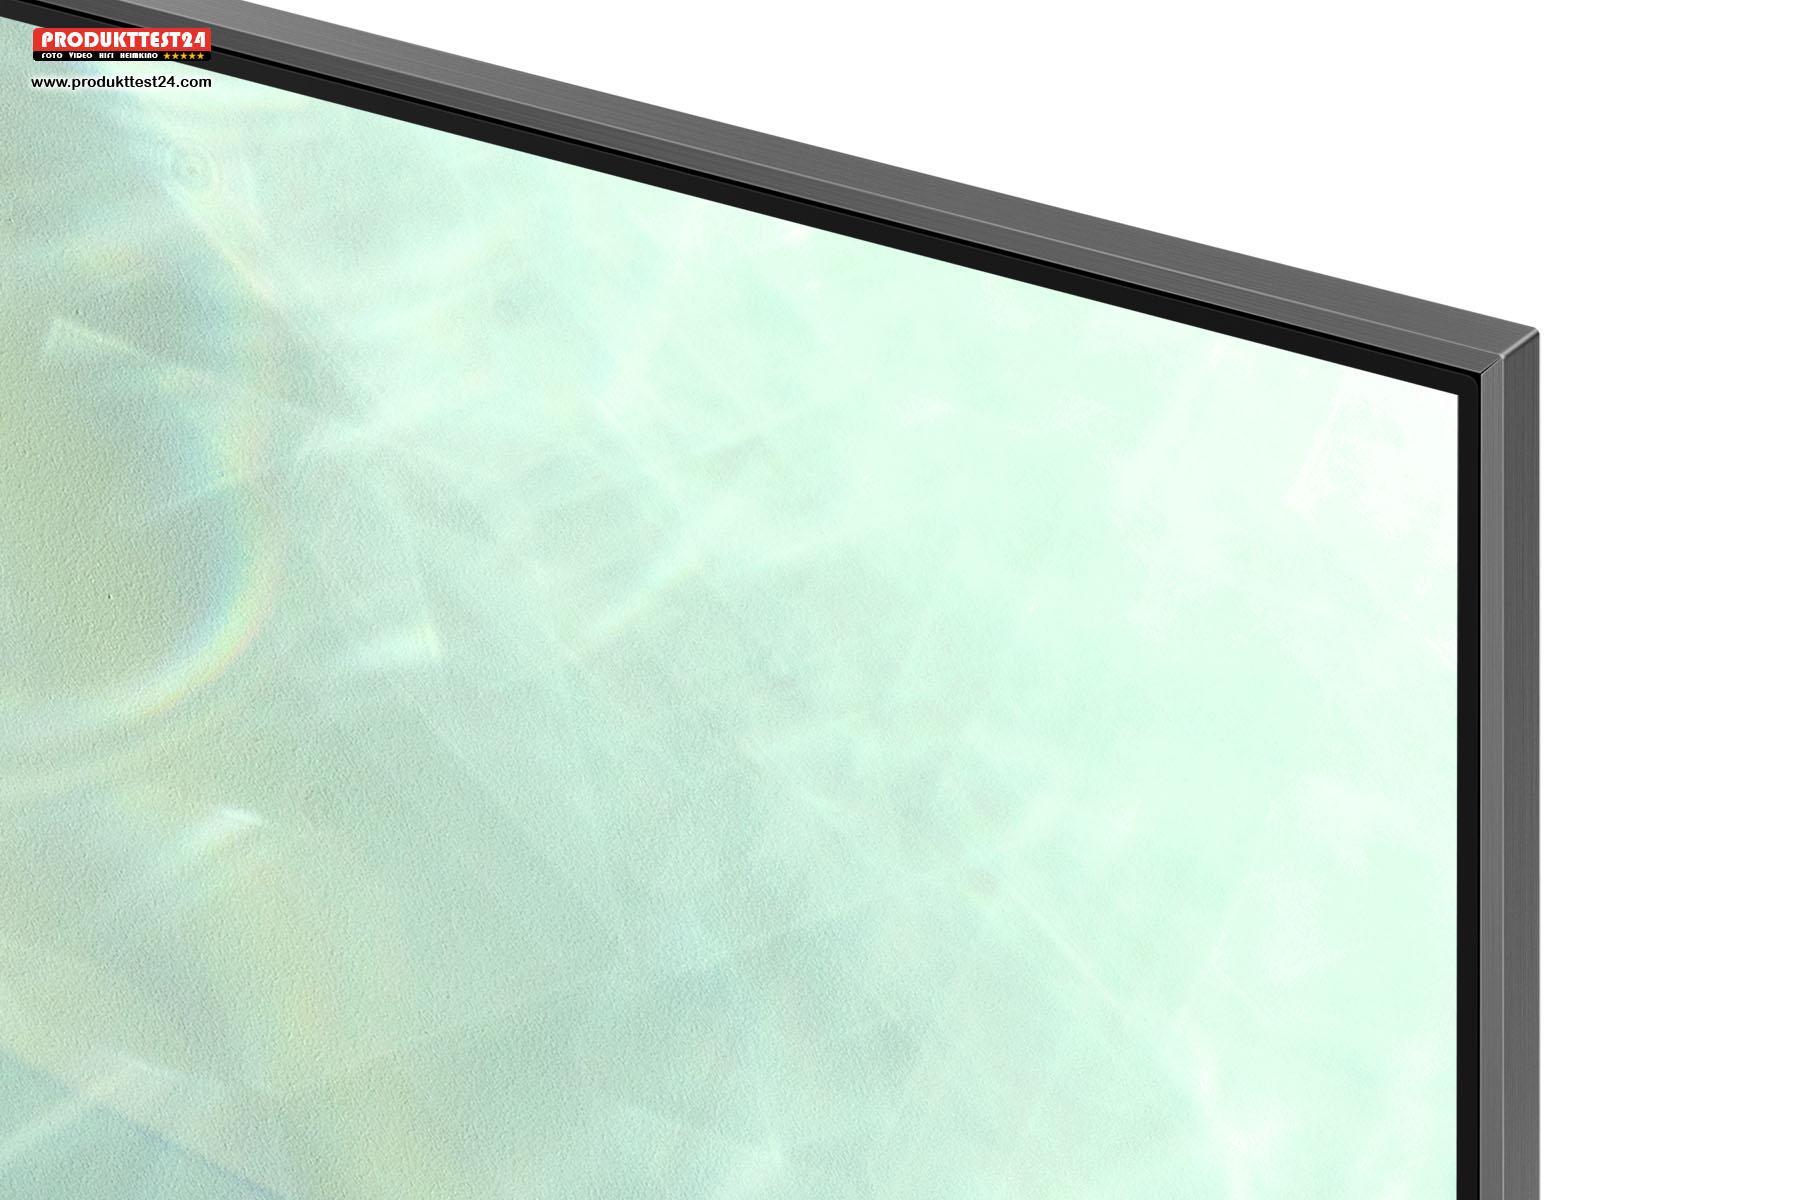 Das 65 Zoll große QLED Display geht bis zum Rand.